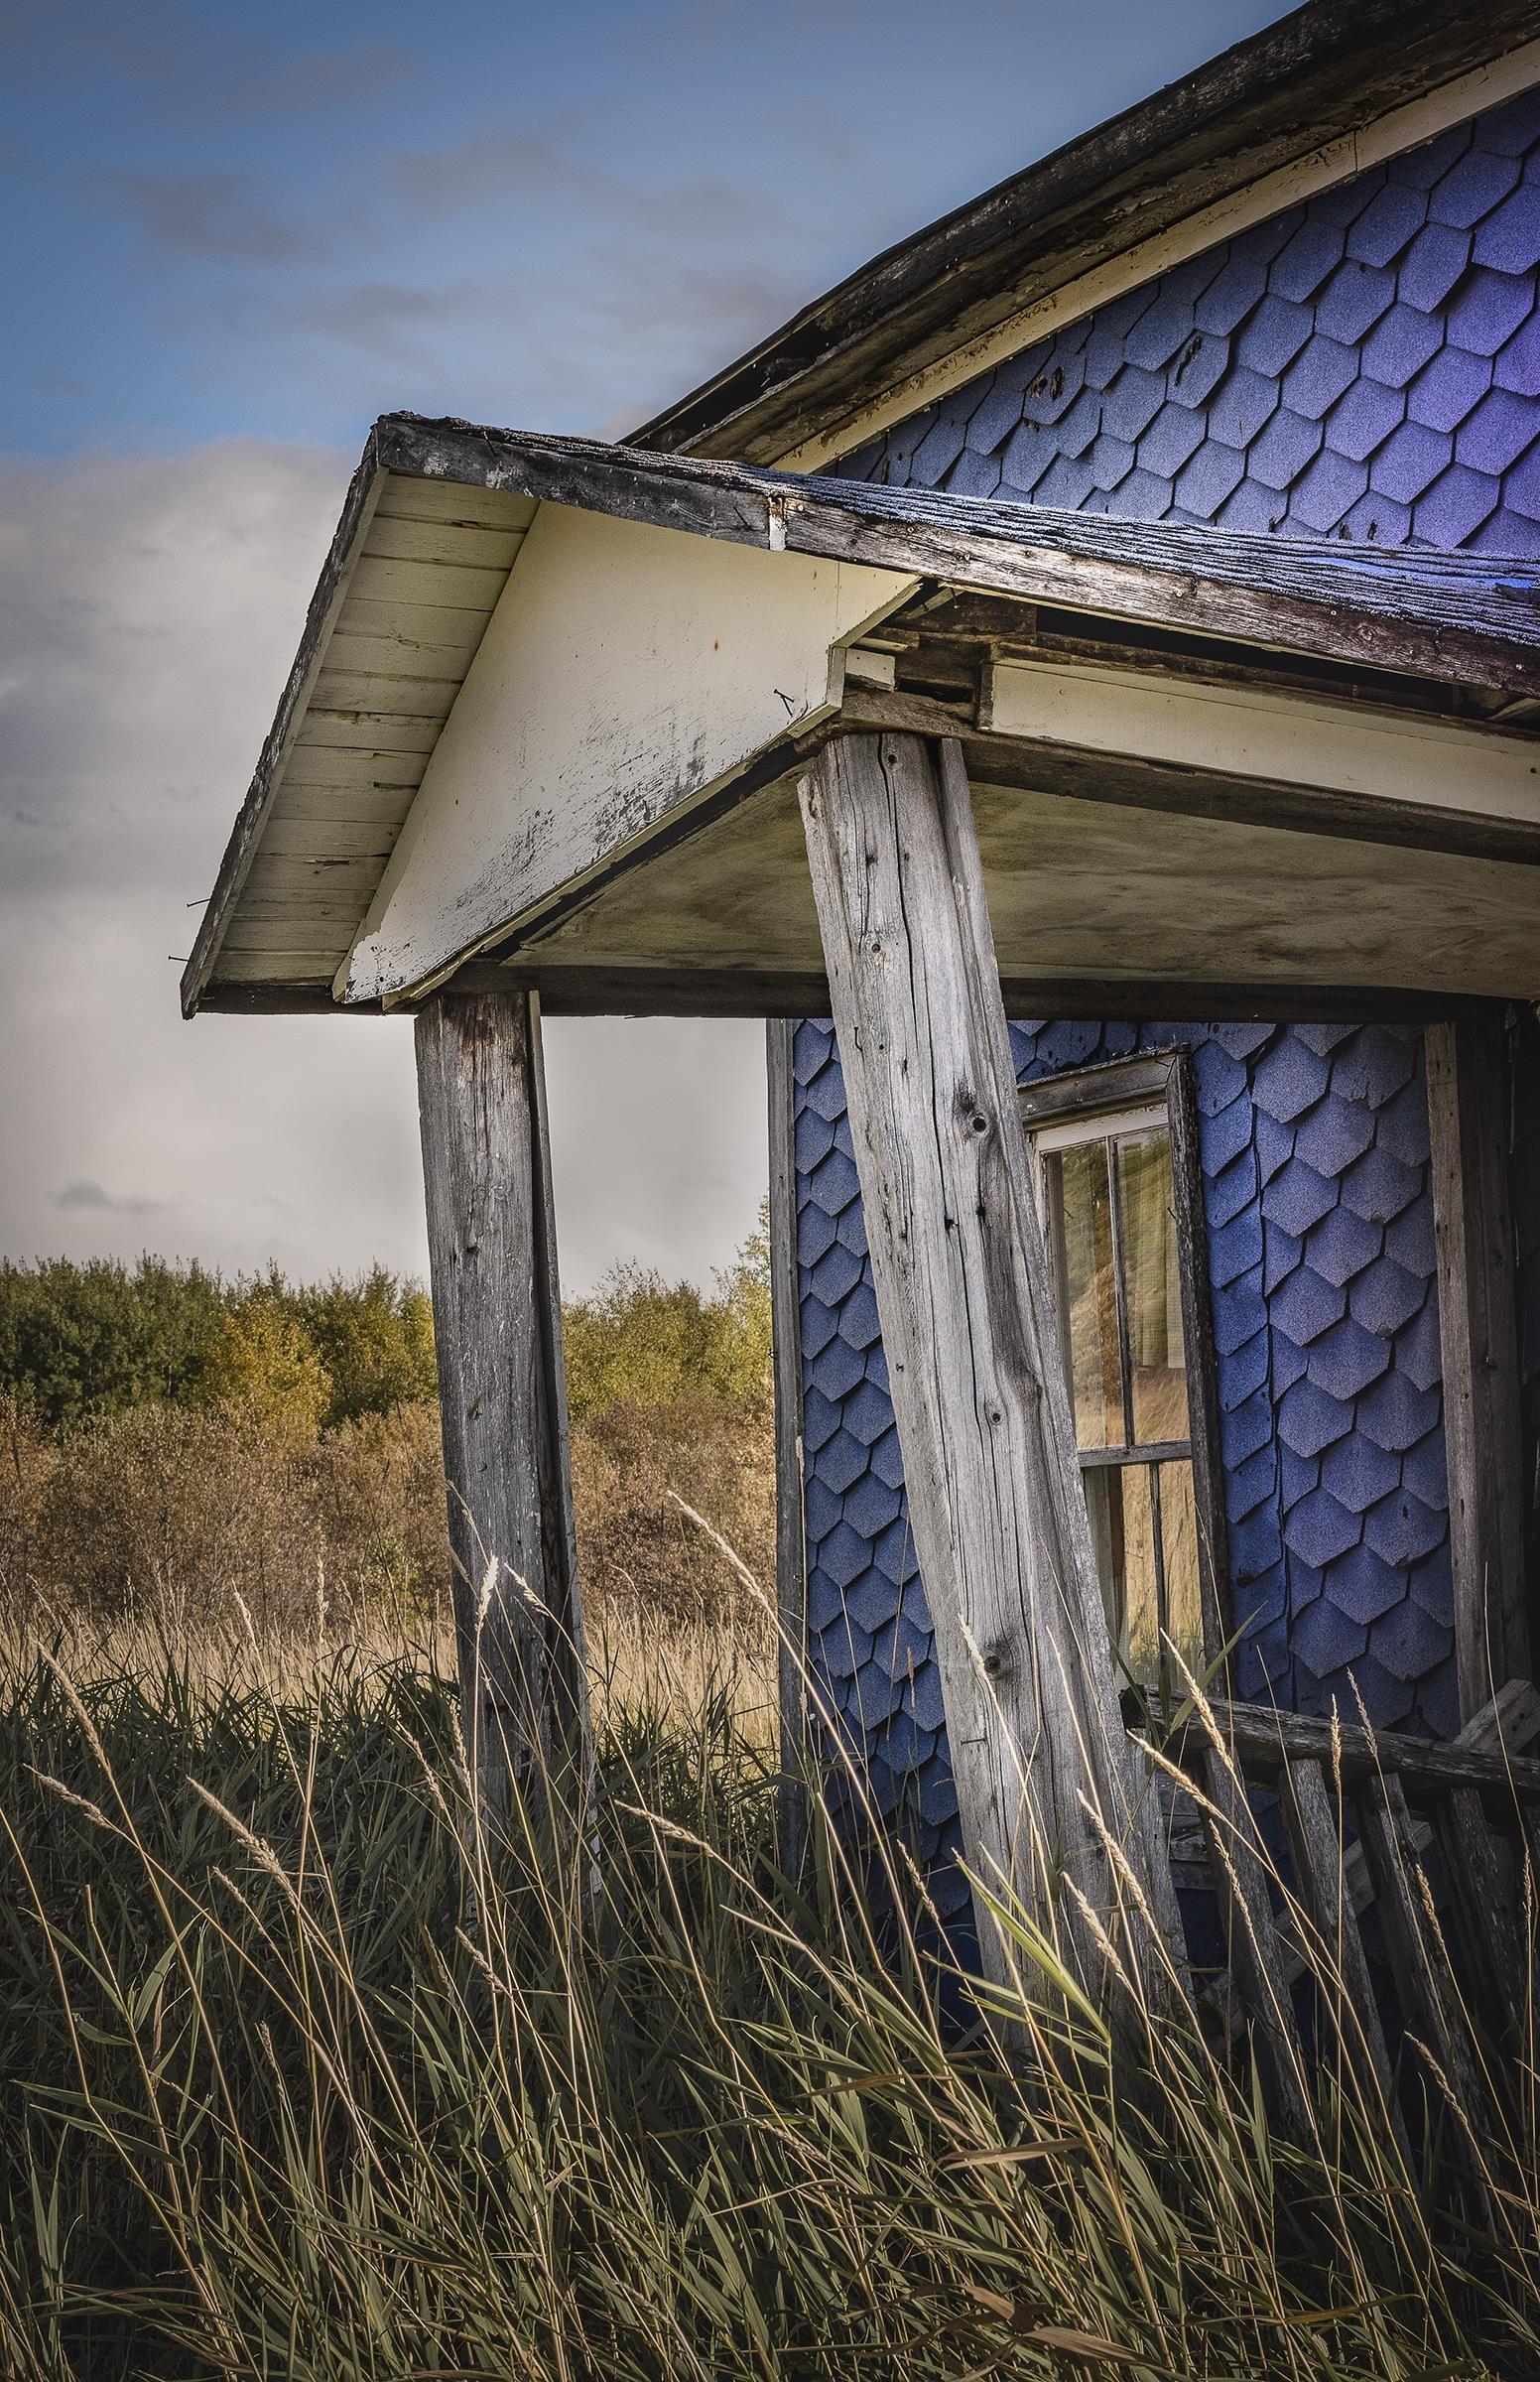 Une vieille maison abandonnée.